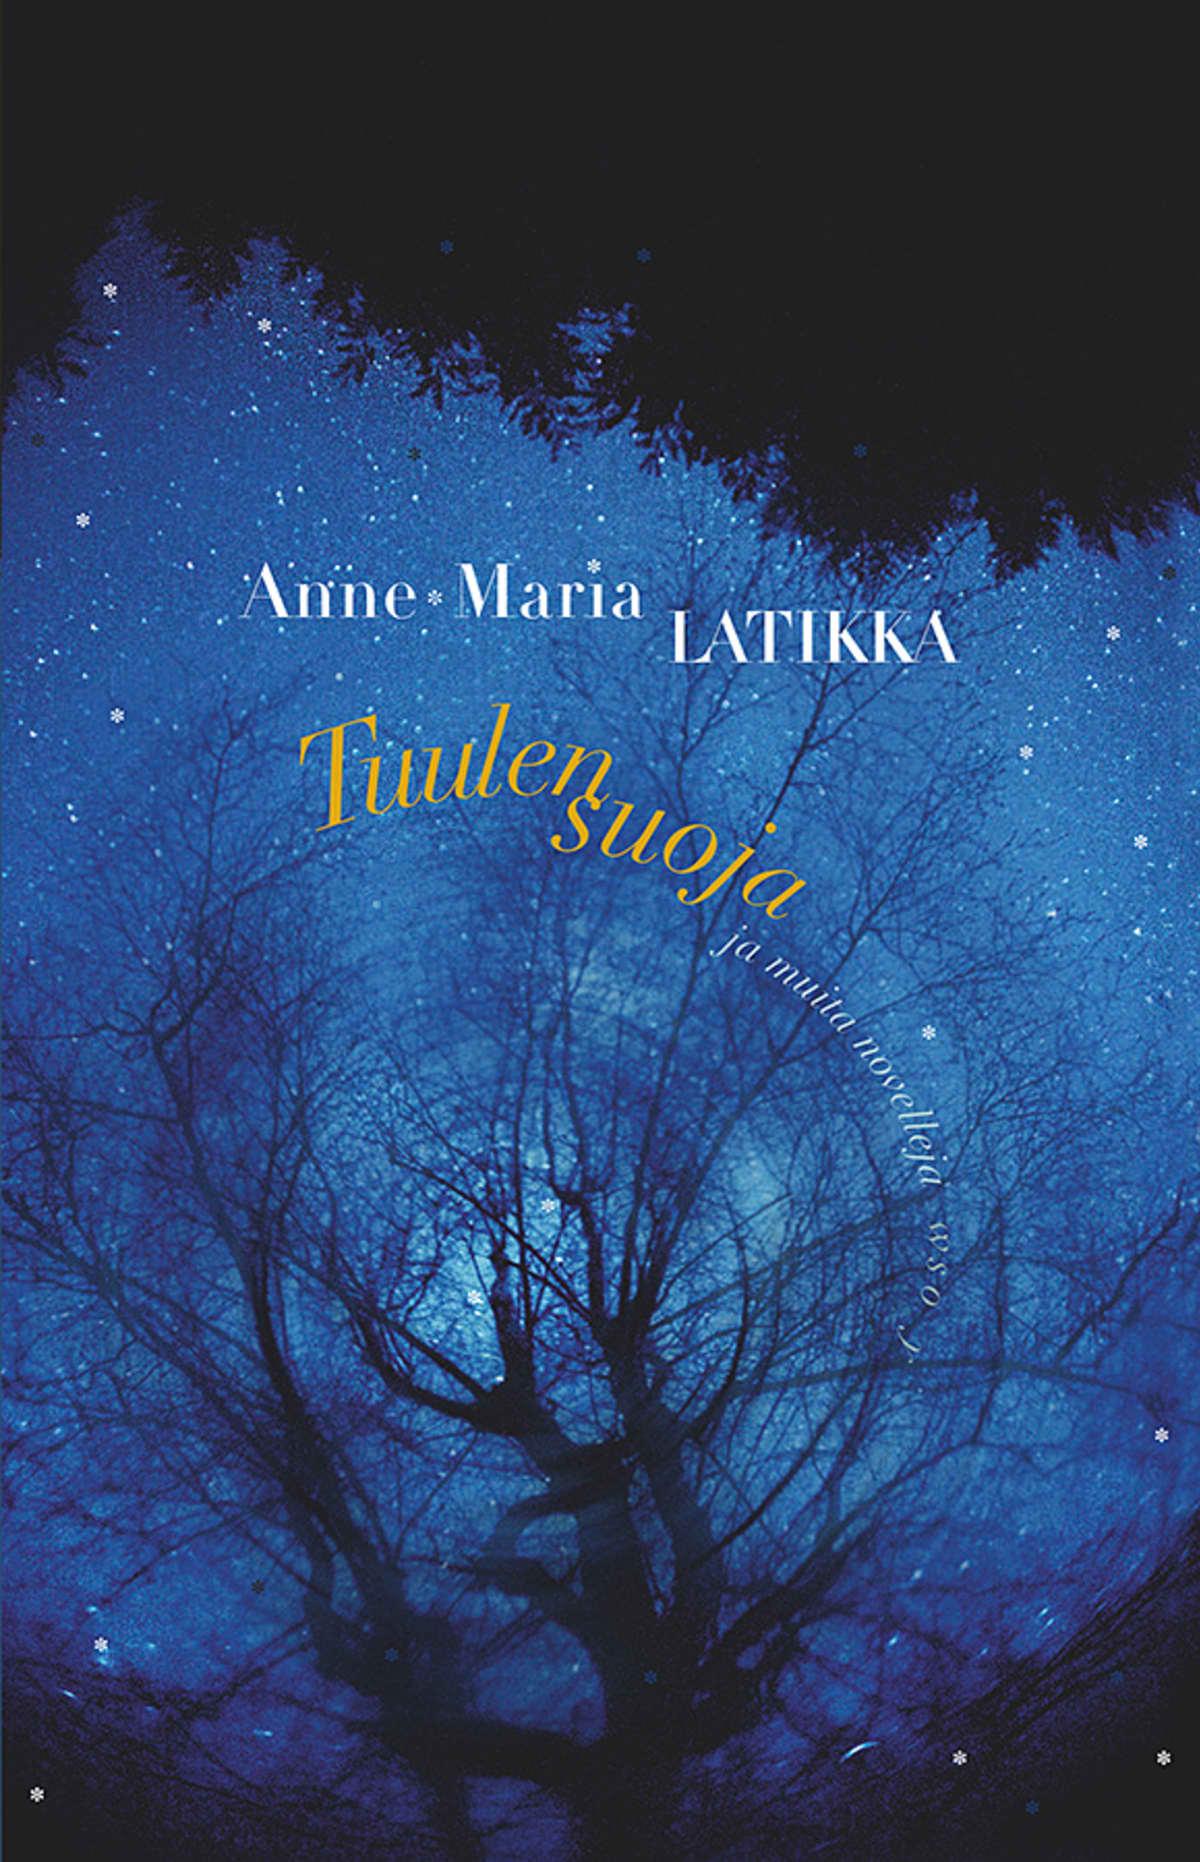 Anne-Maria Latikka: Tuulensuoja ja muita novelleja -kirjan kansi